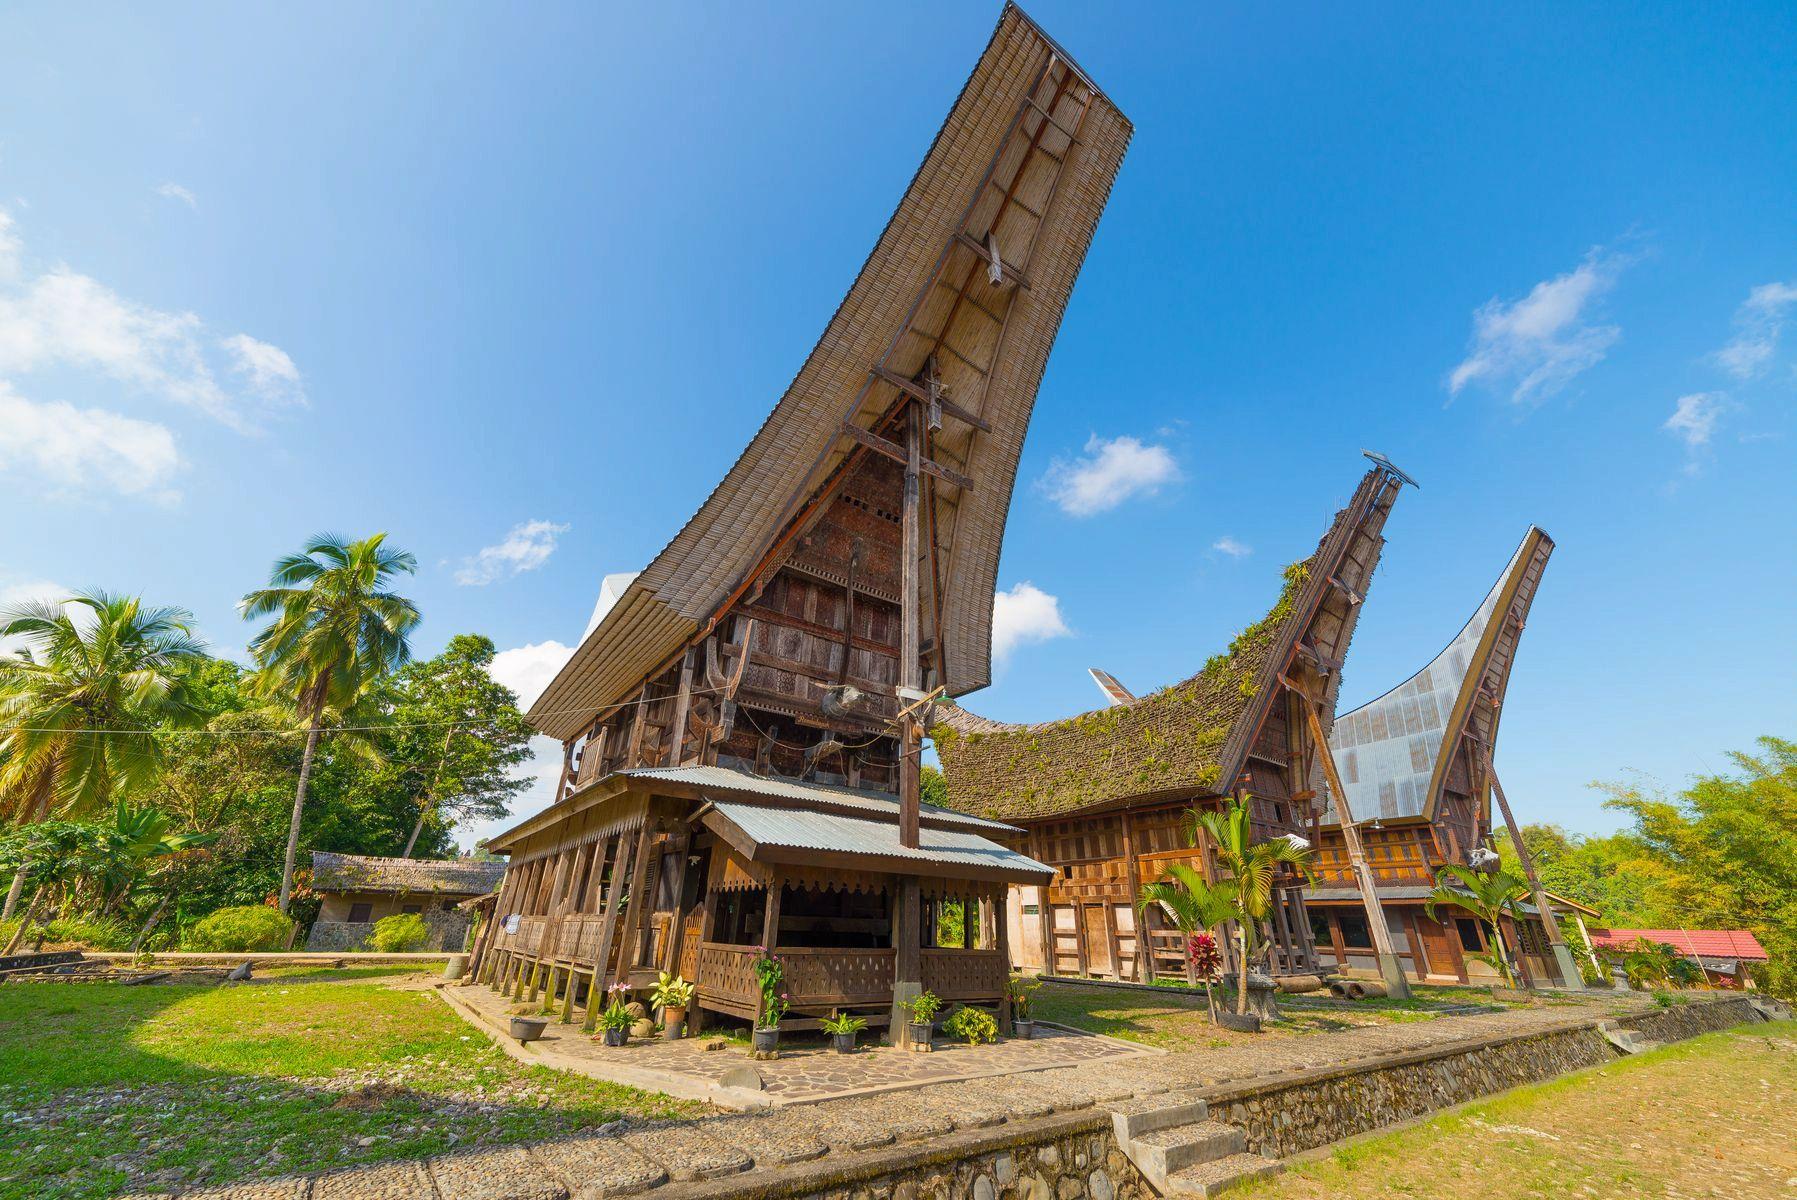 картинка фотография курорта Сулавеси, остров в Индонезии